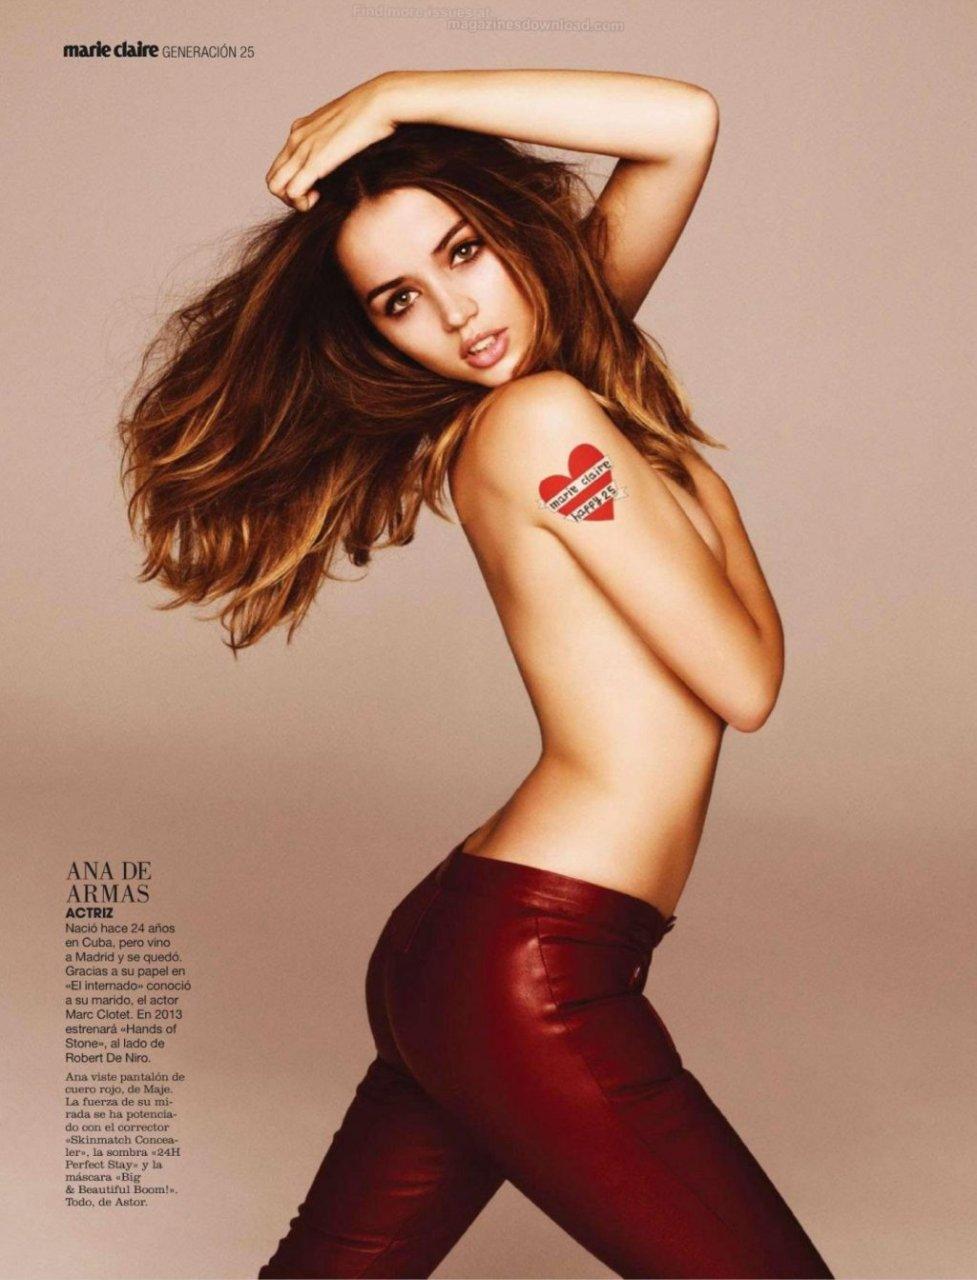 Ana De Armas Boobs ana de armas nude photos and videos | #thefappening